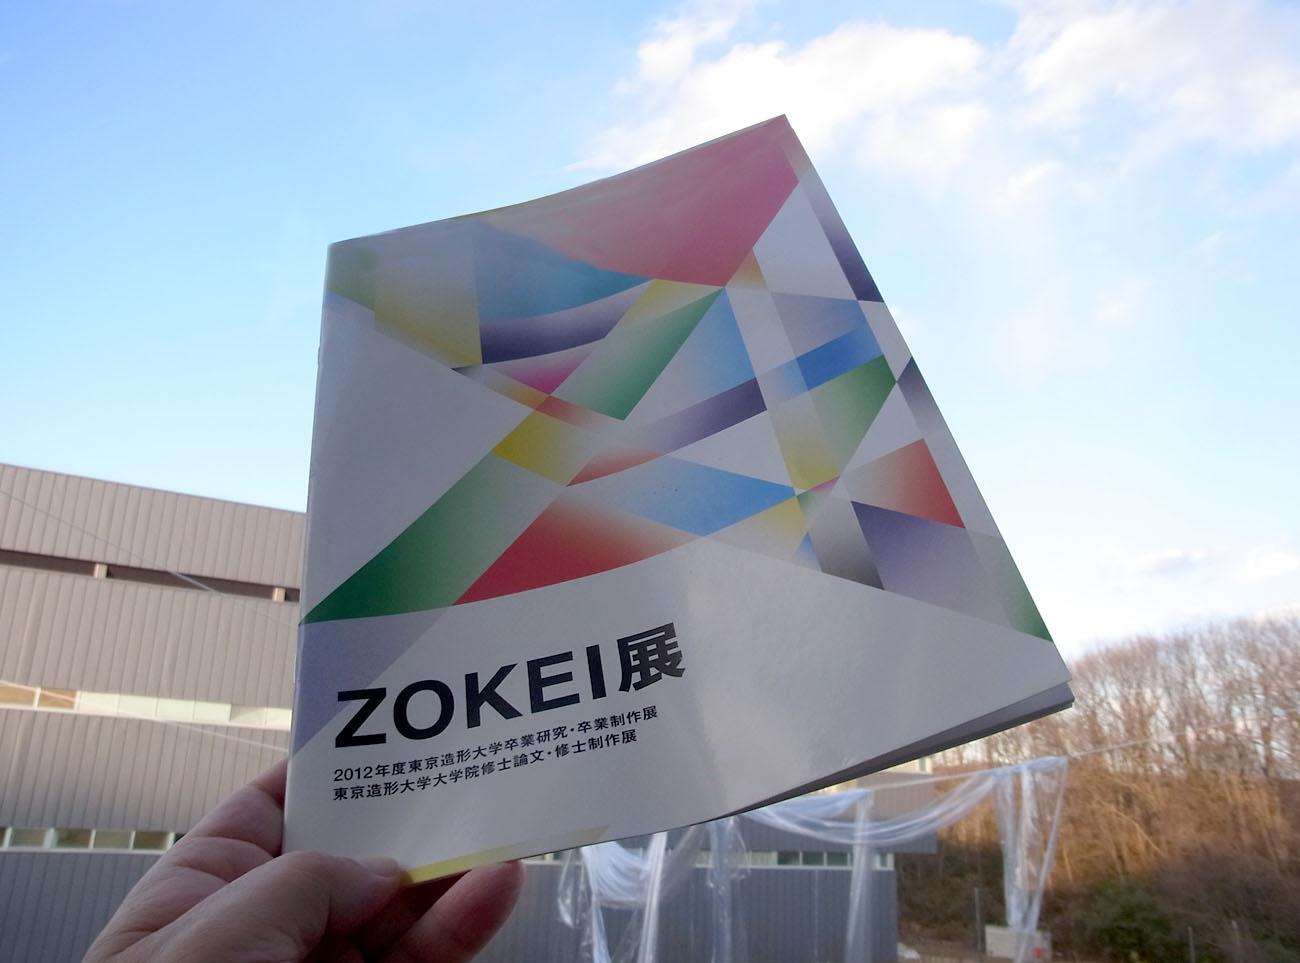 ZOKEI展